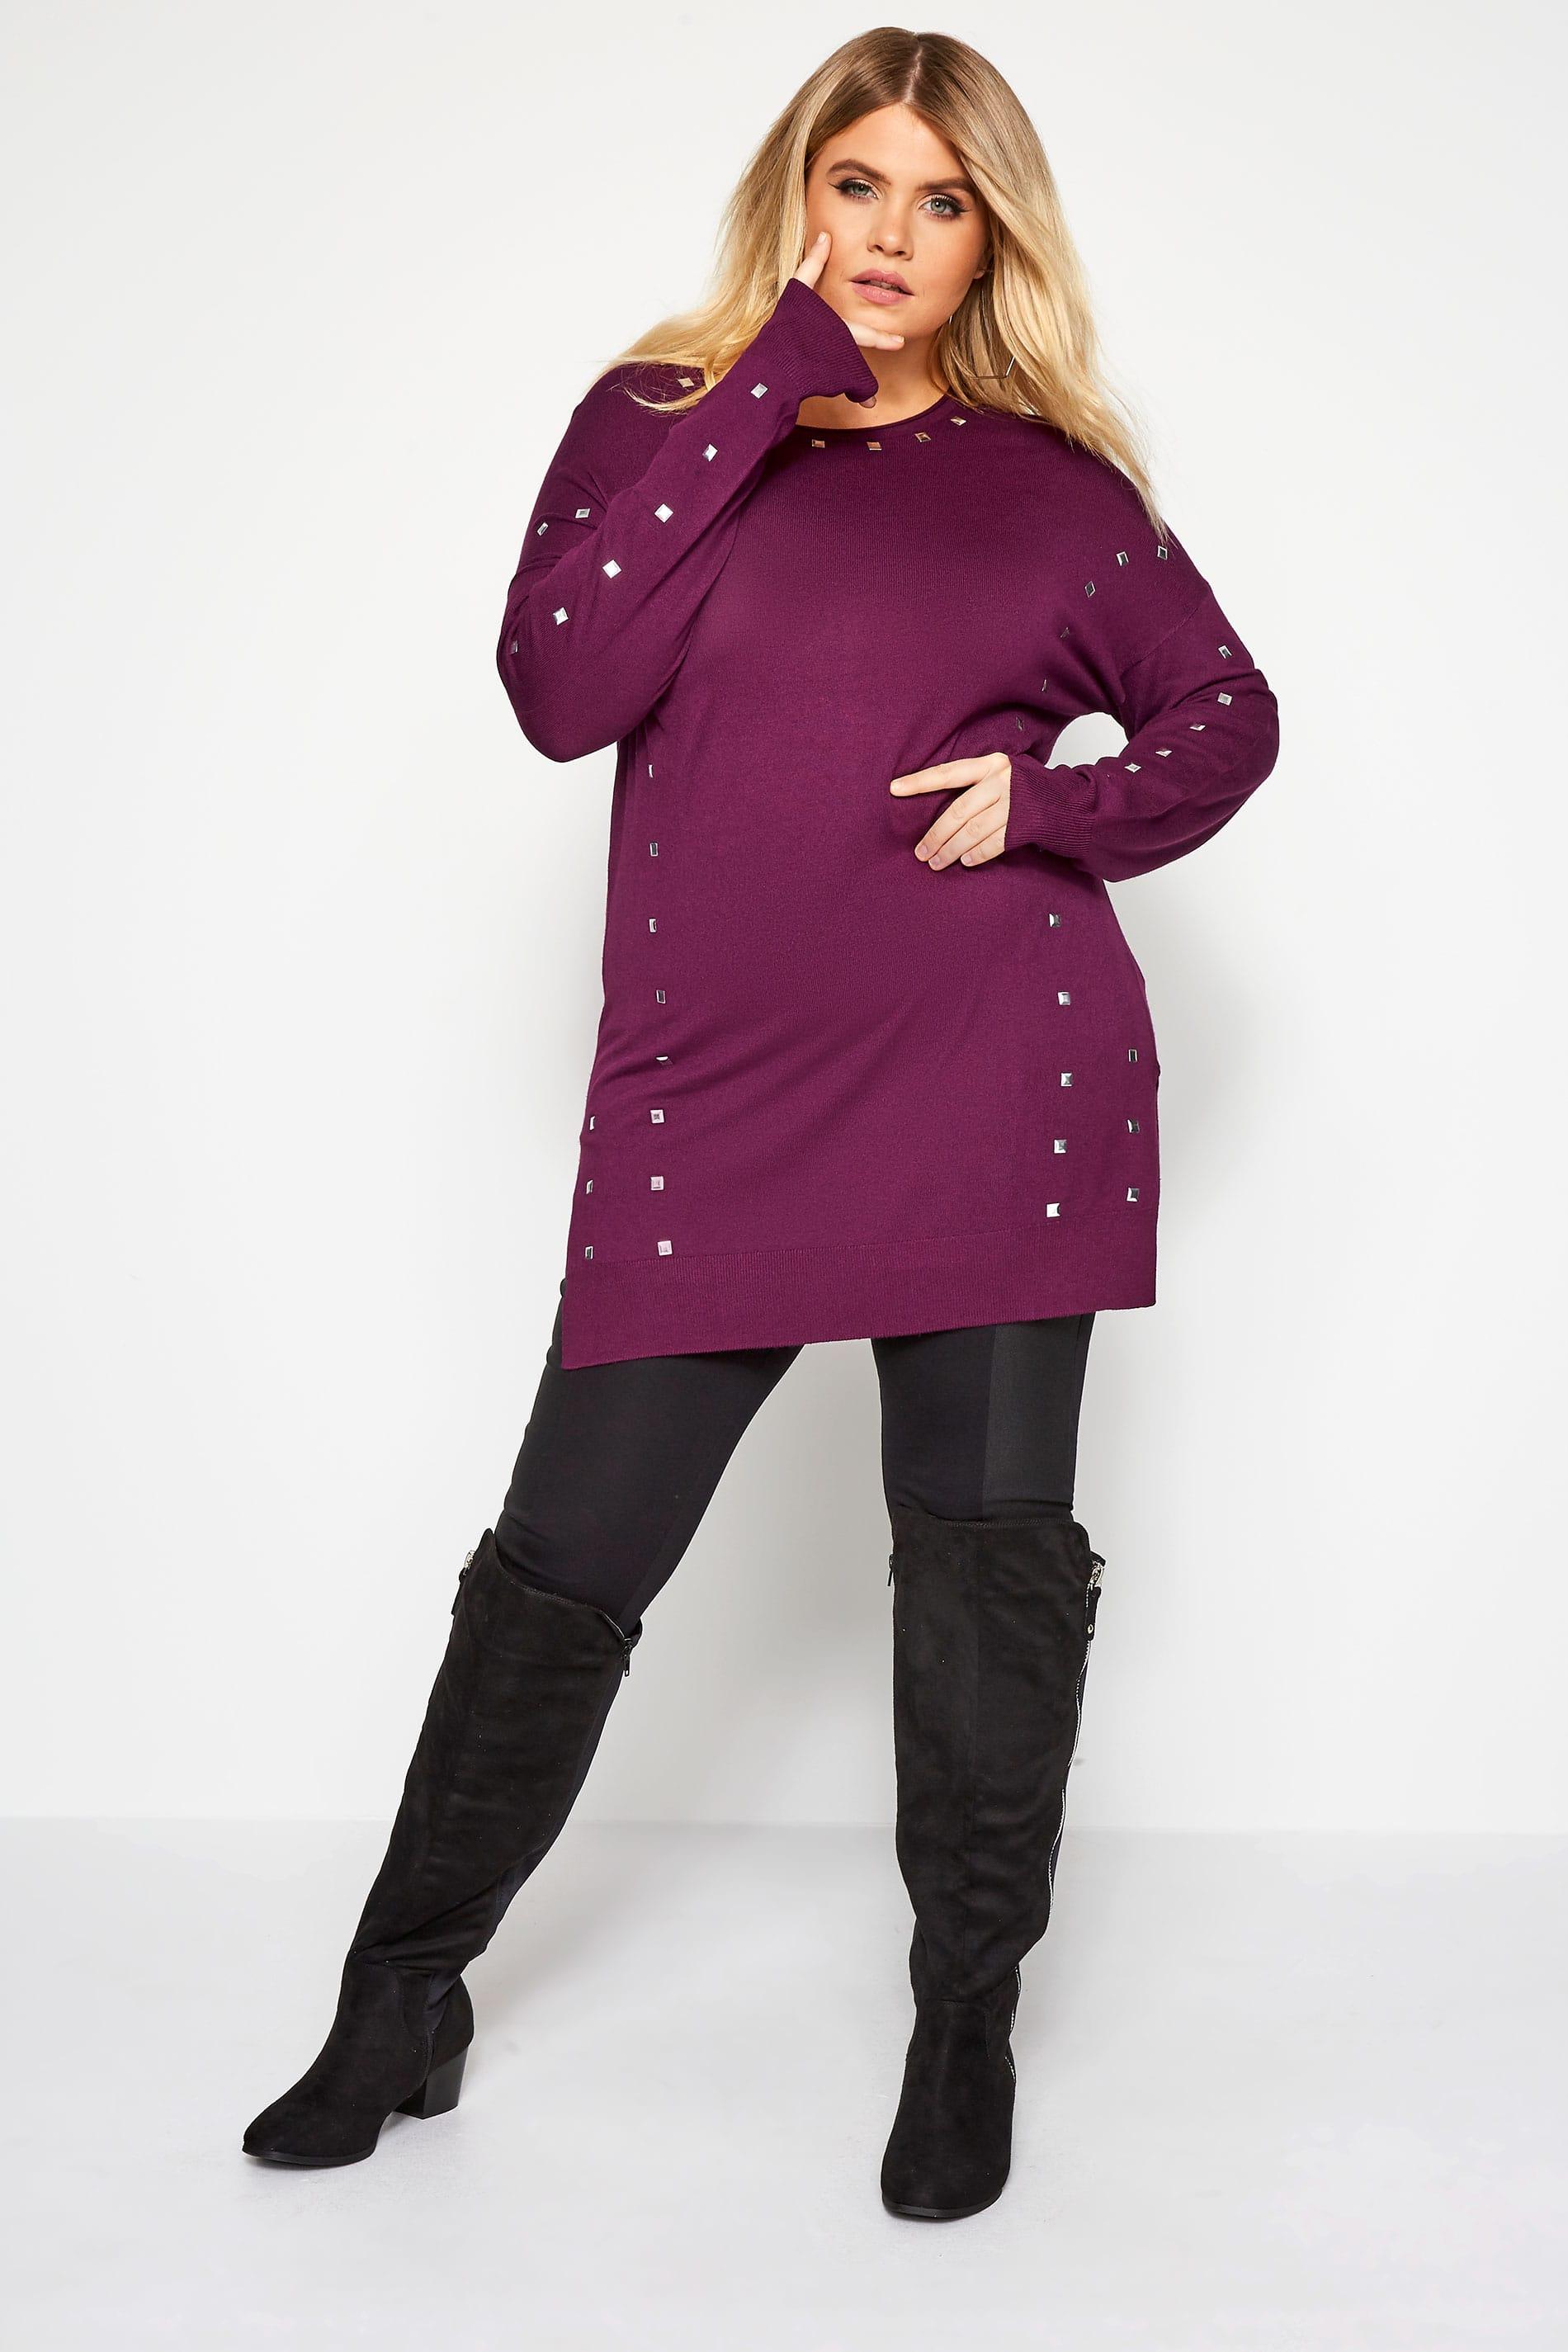 Purple Stud Trim Knitted Tunic Jumper